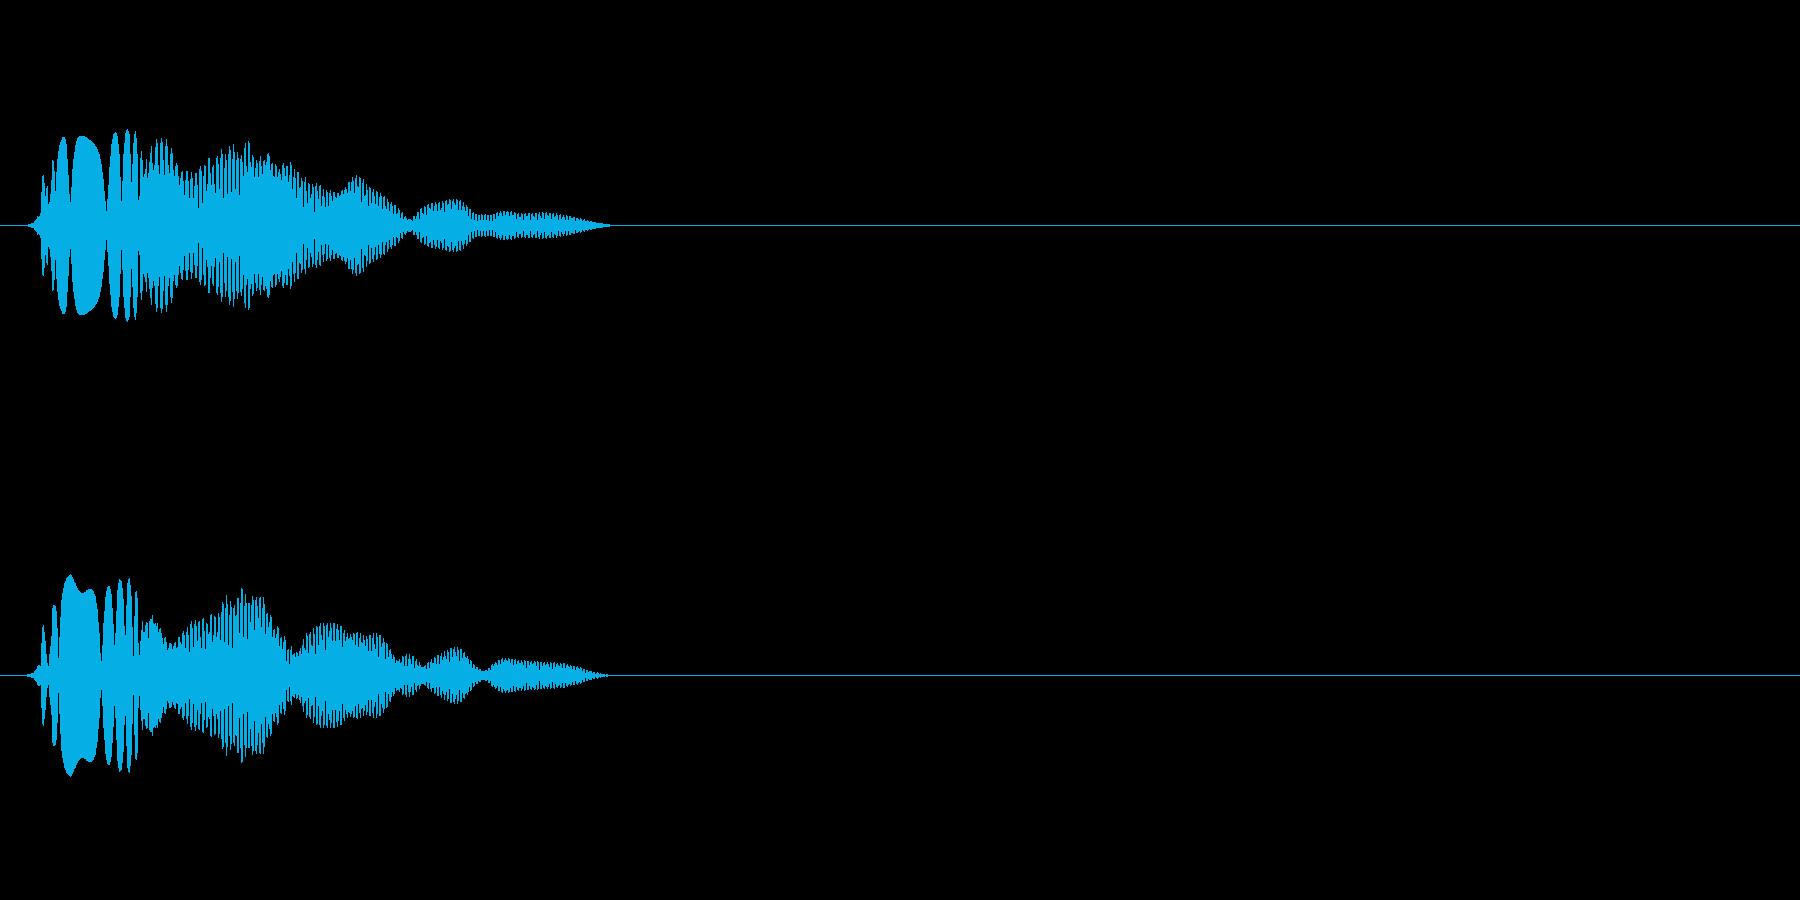 アイテム取得効果音(ビュアーン)の再生済みの波形